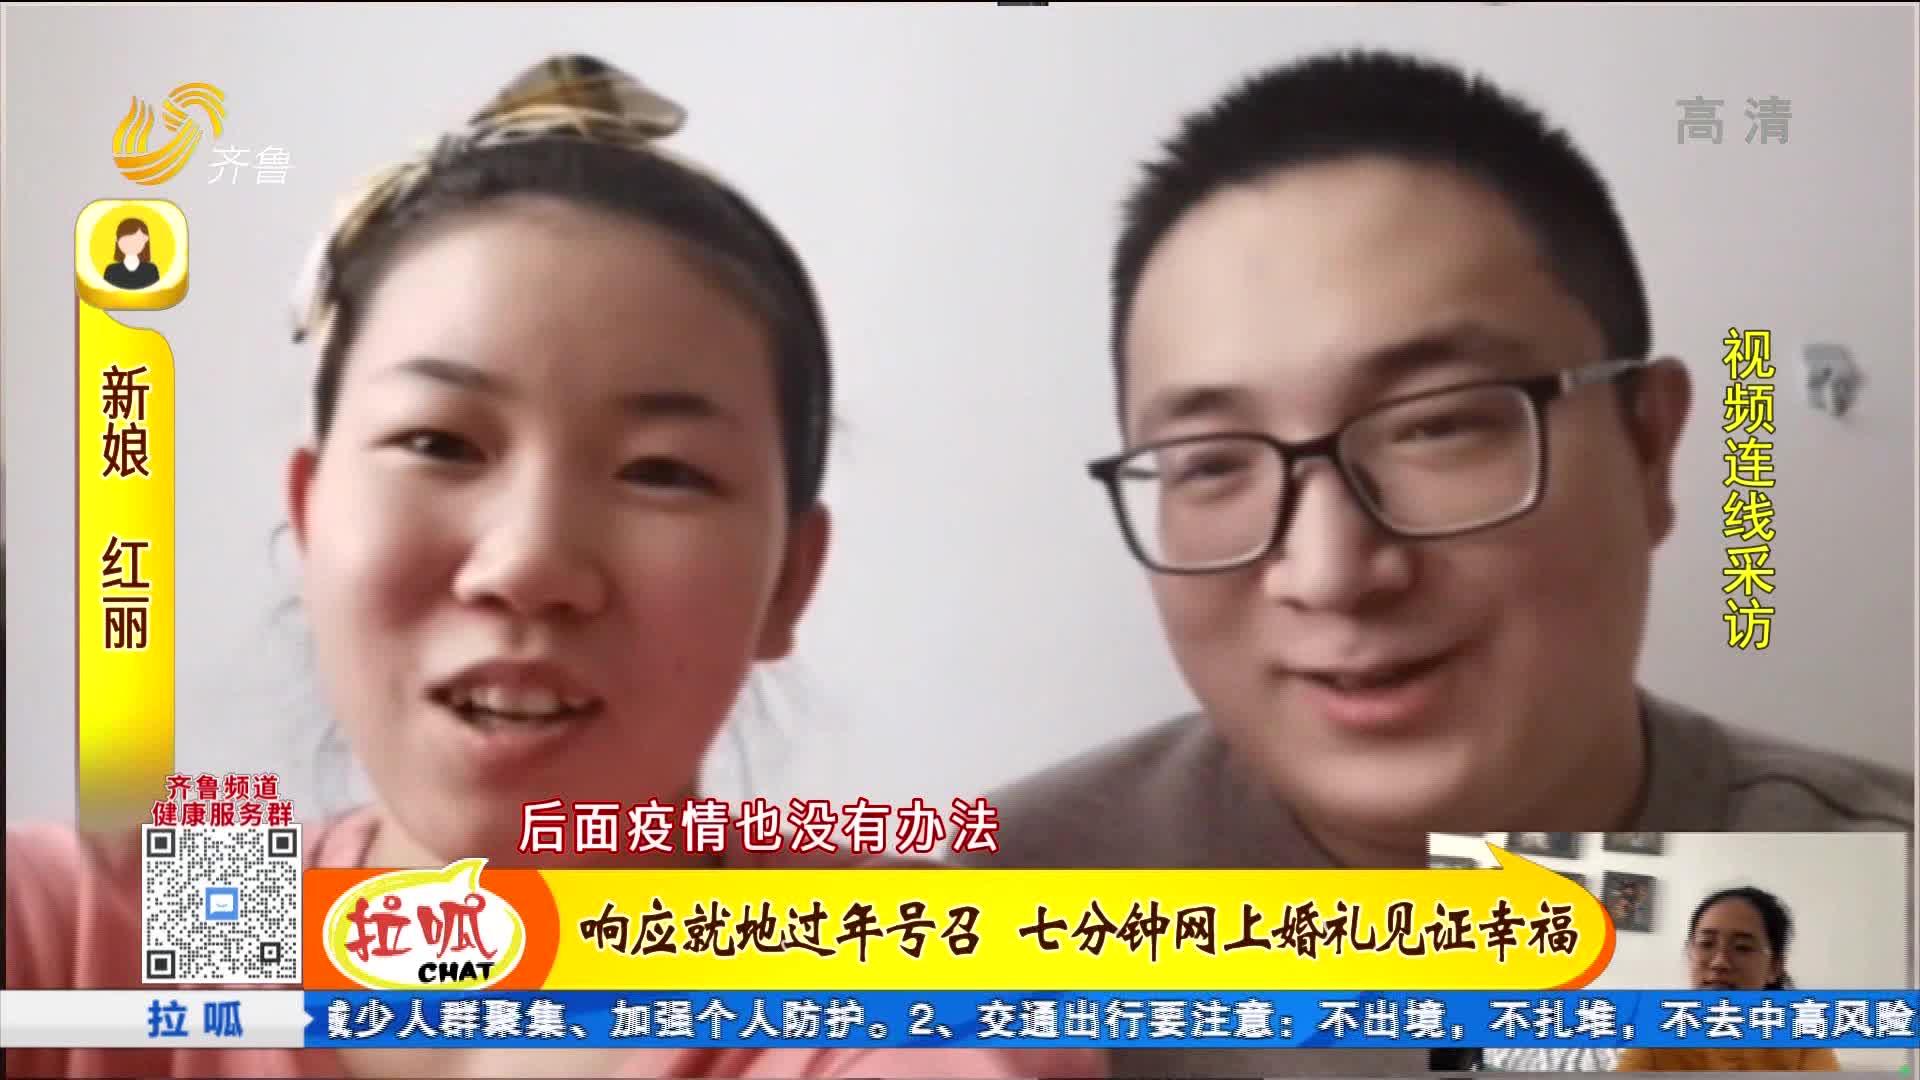 鲁疆蒙三地连线 两人七分钟网络婚礼赢得全网祝福